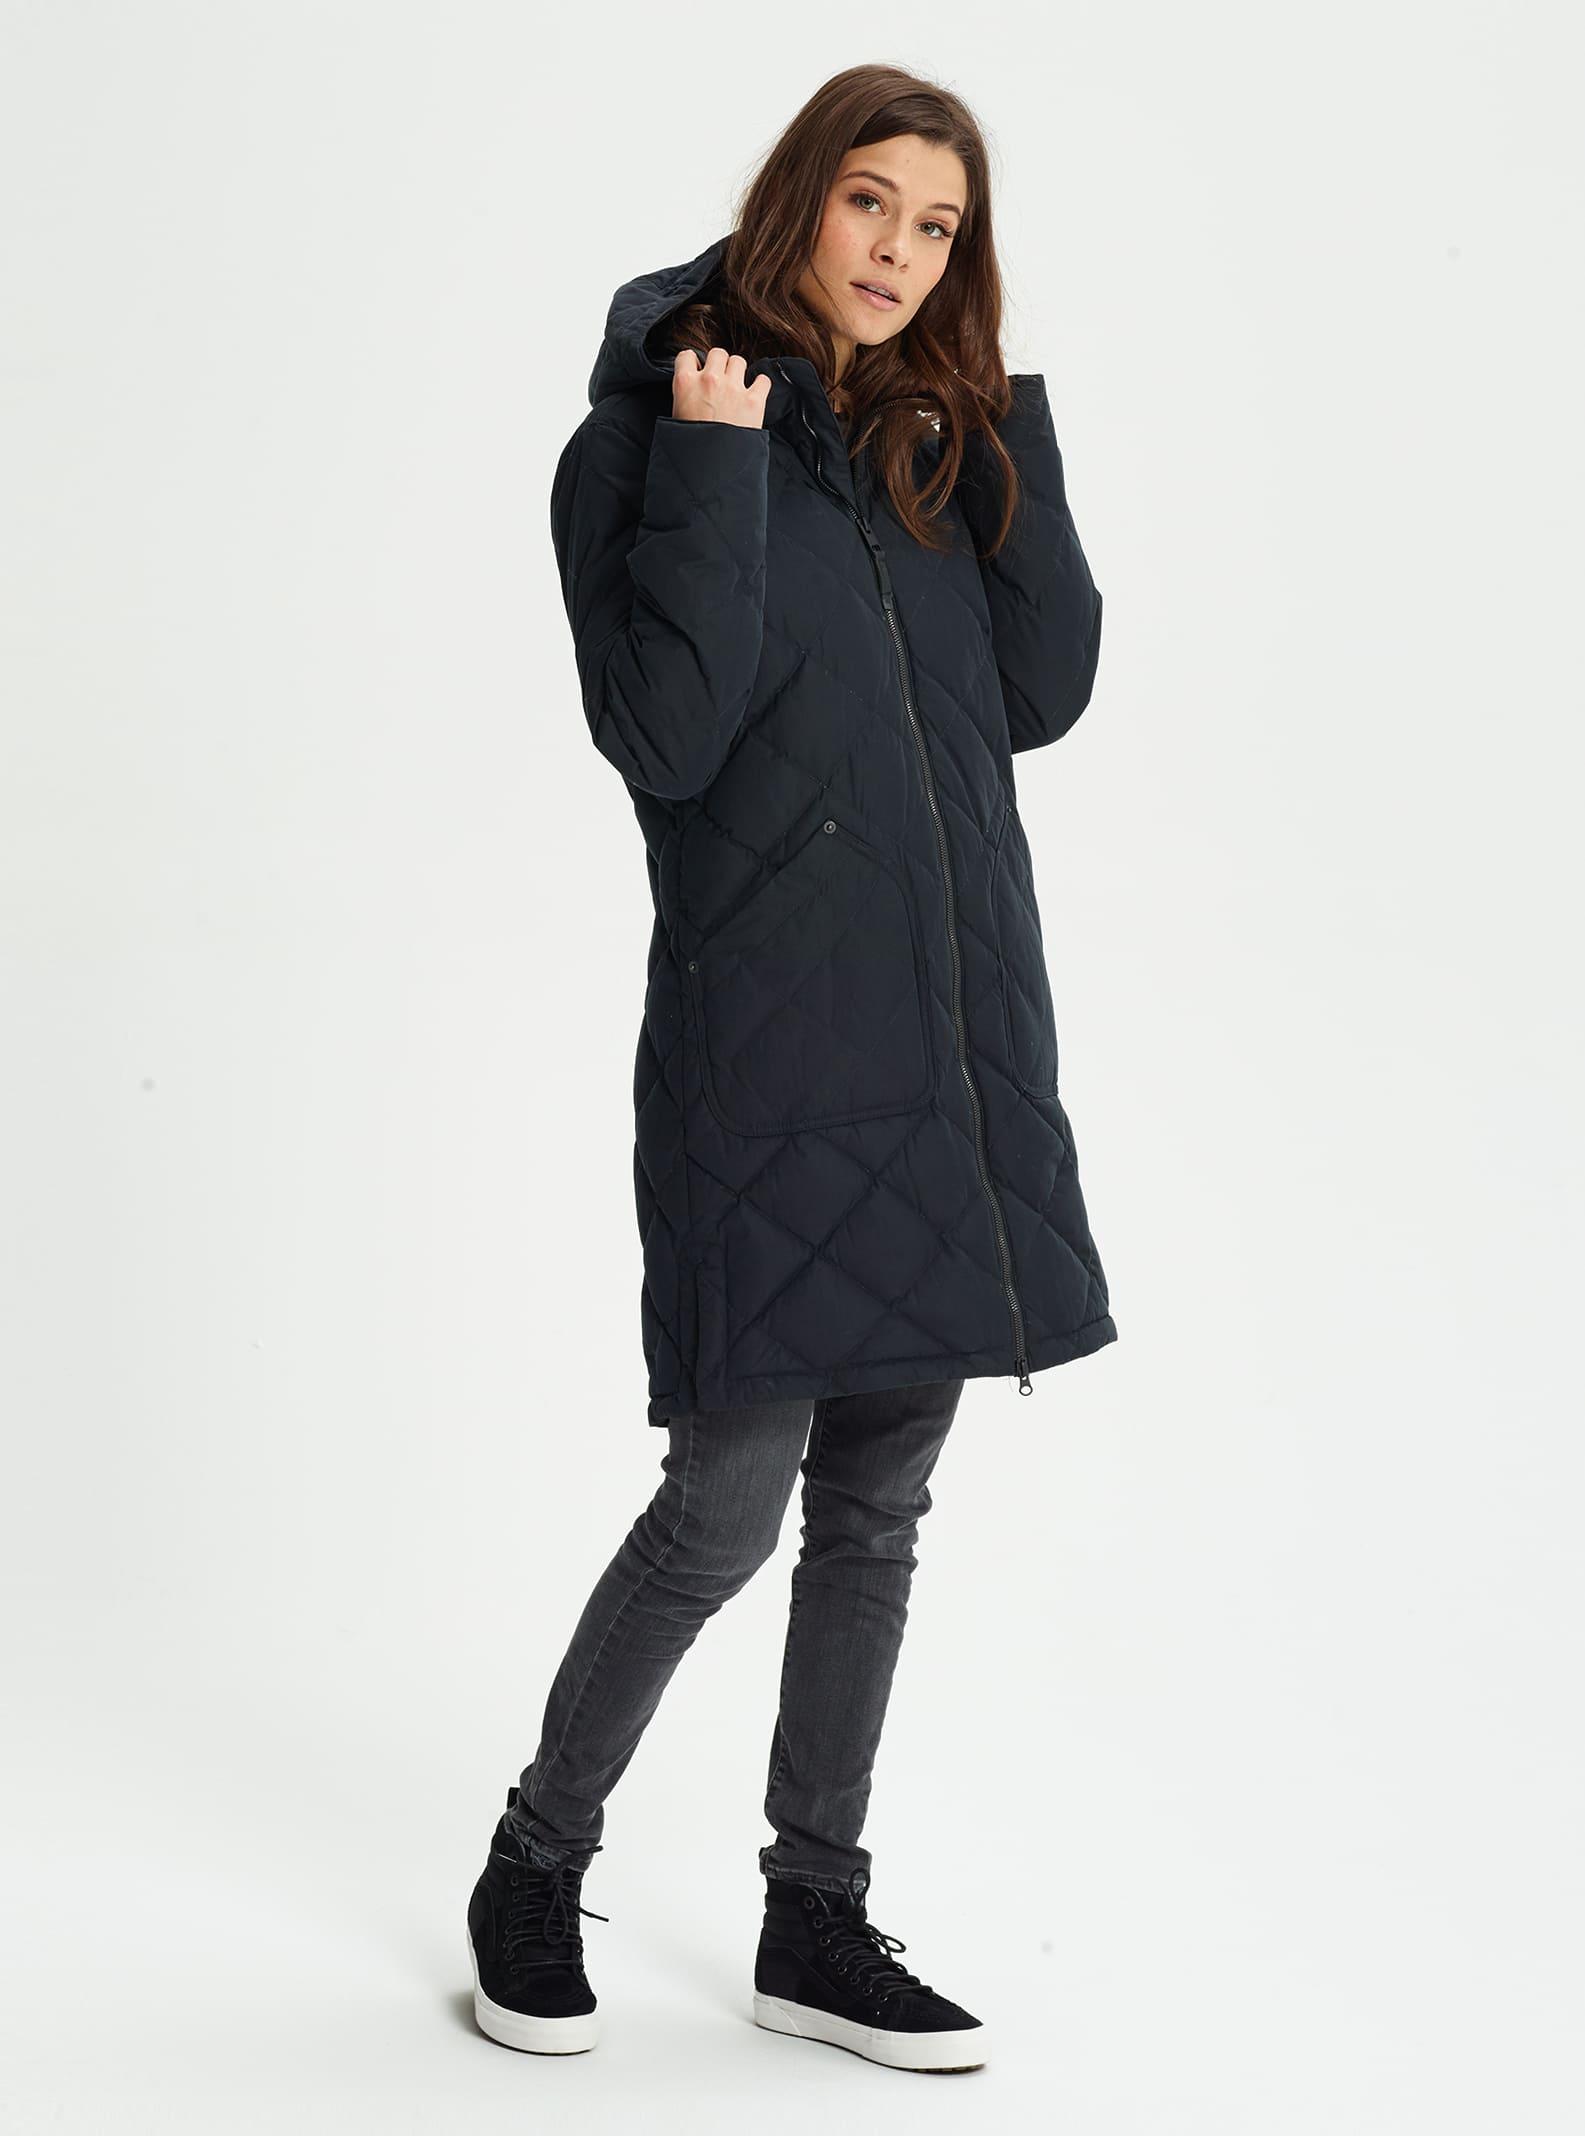 3940339f976f1 Women s Snowboard Jackets